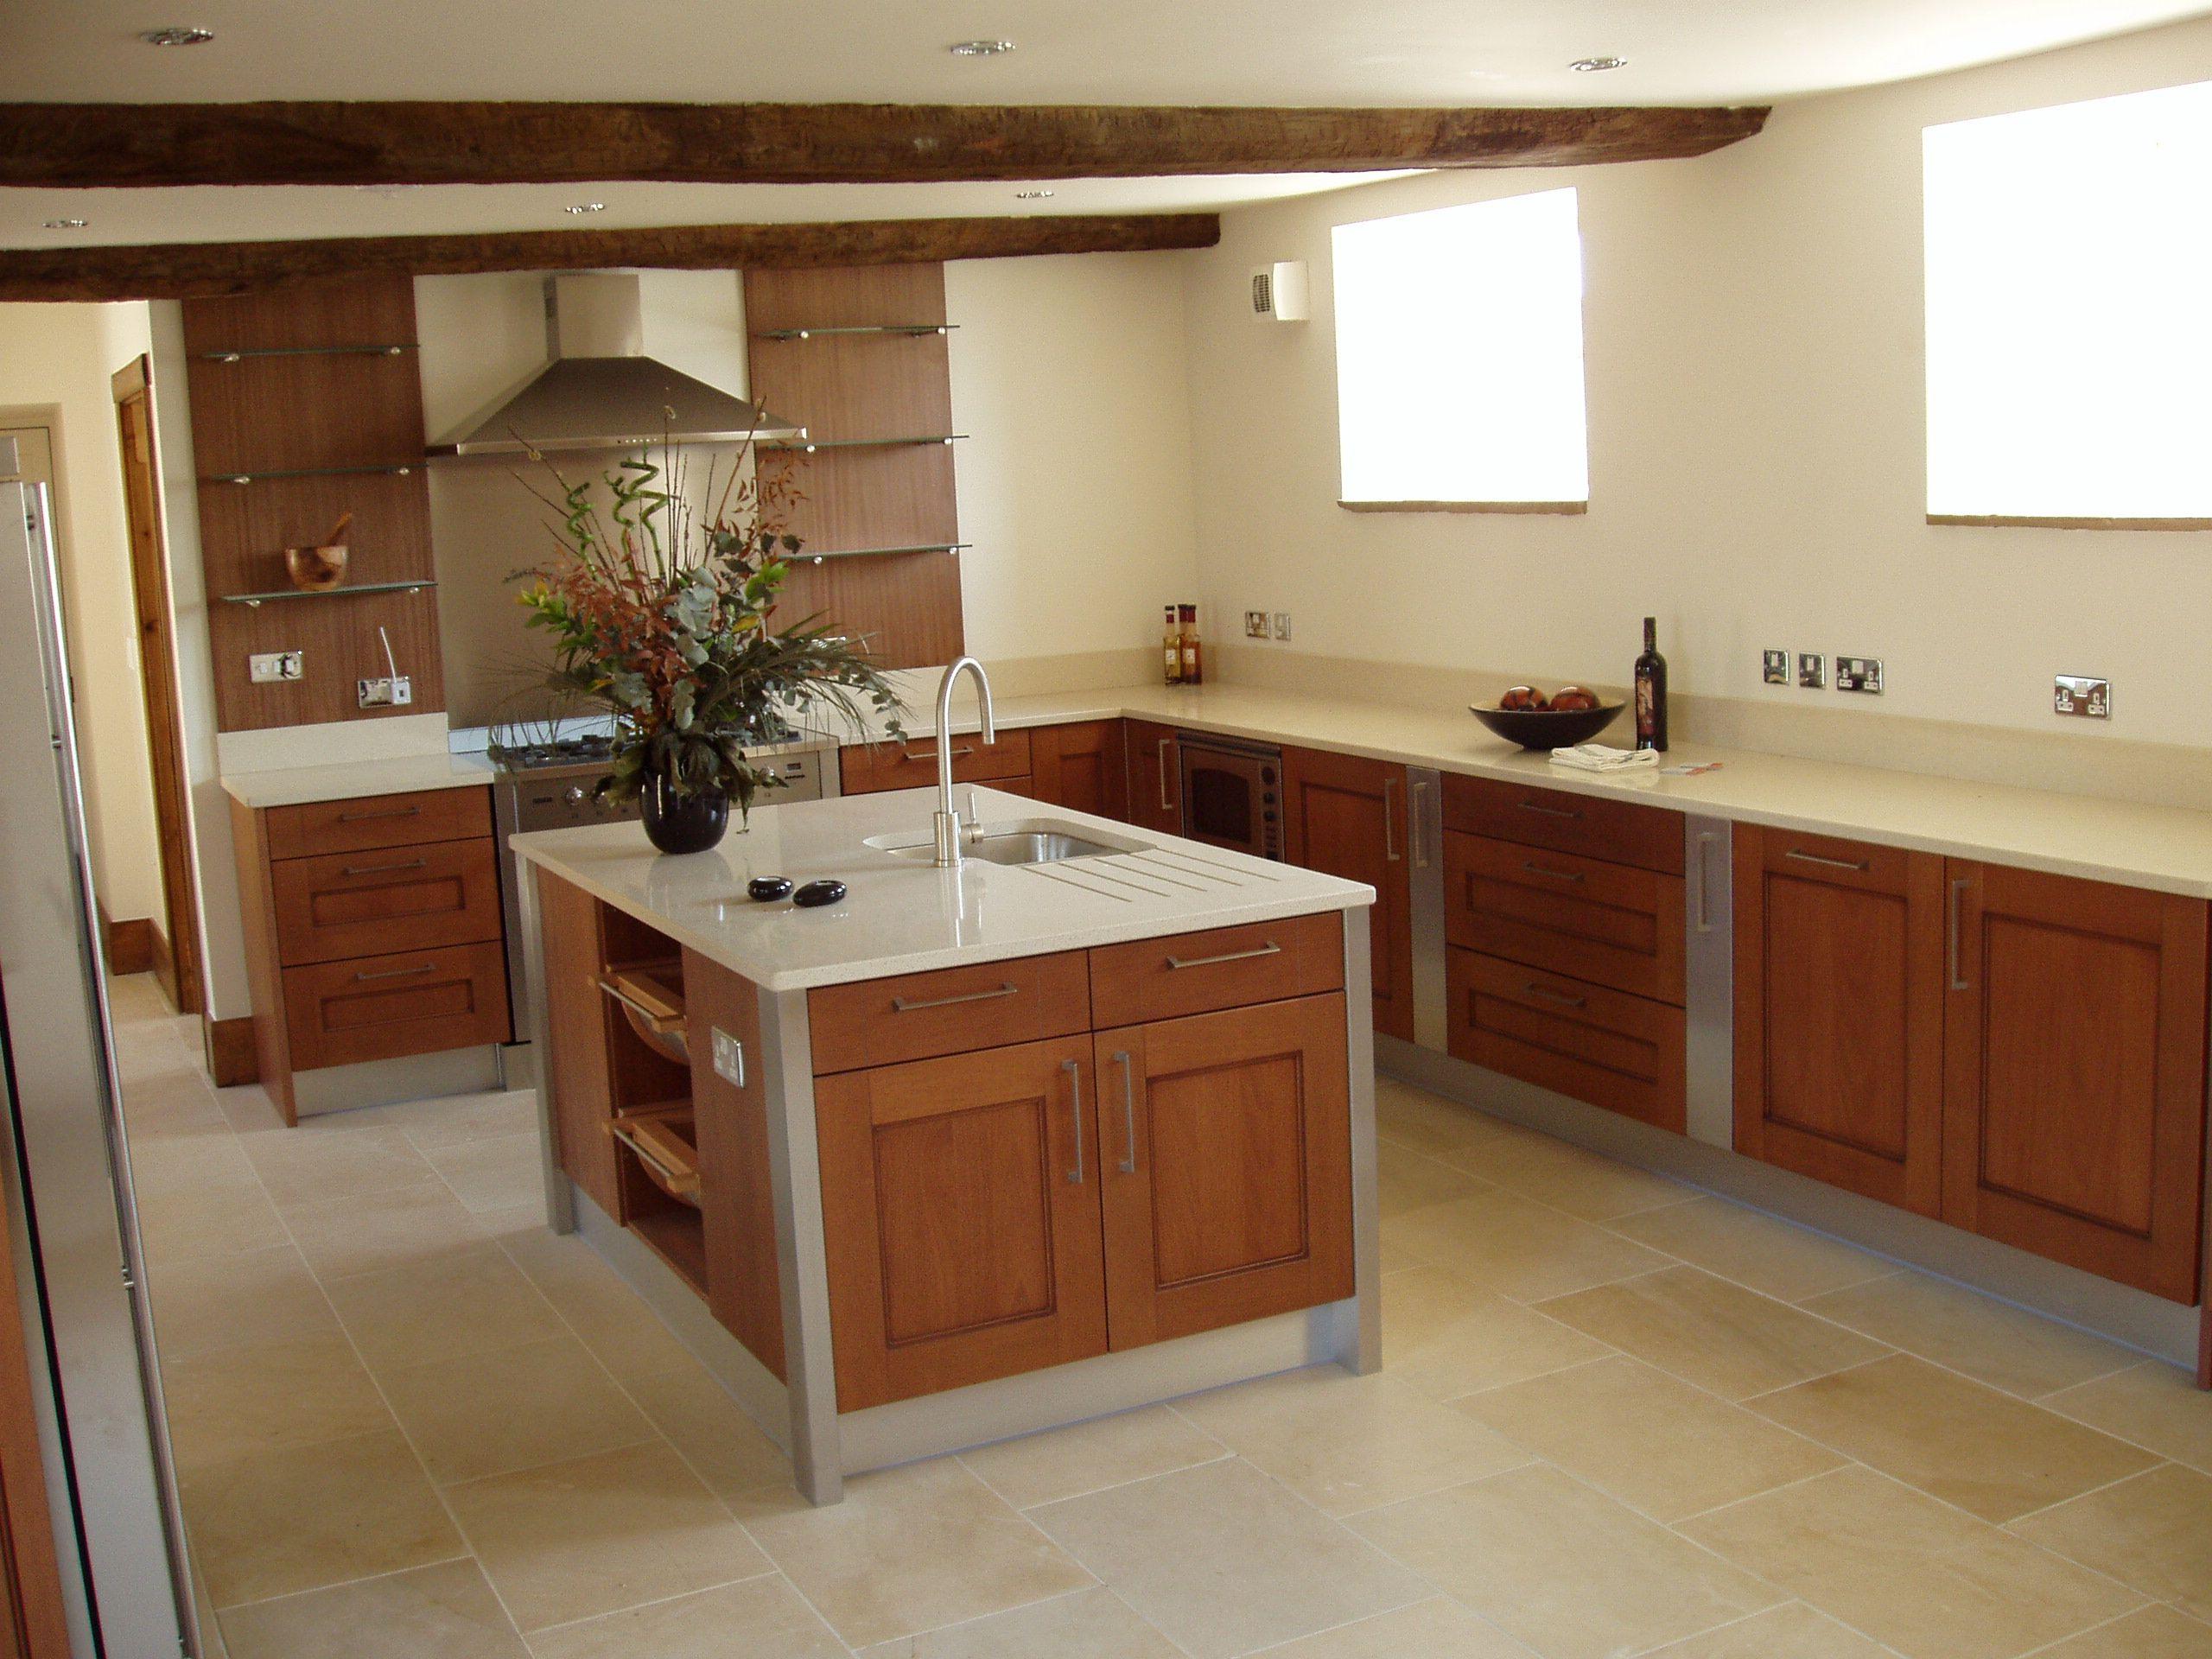 Kitchen remodeling ideas floors kitchen floor modern kitchen